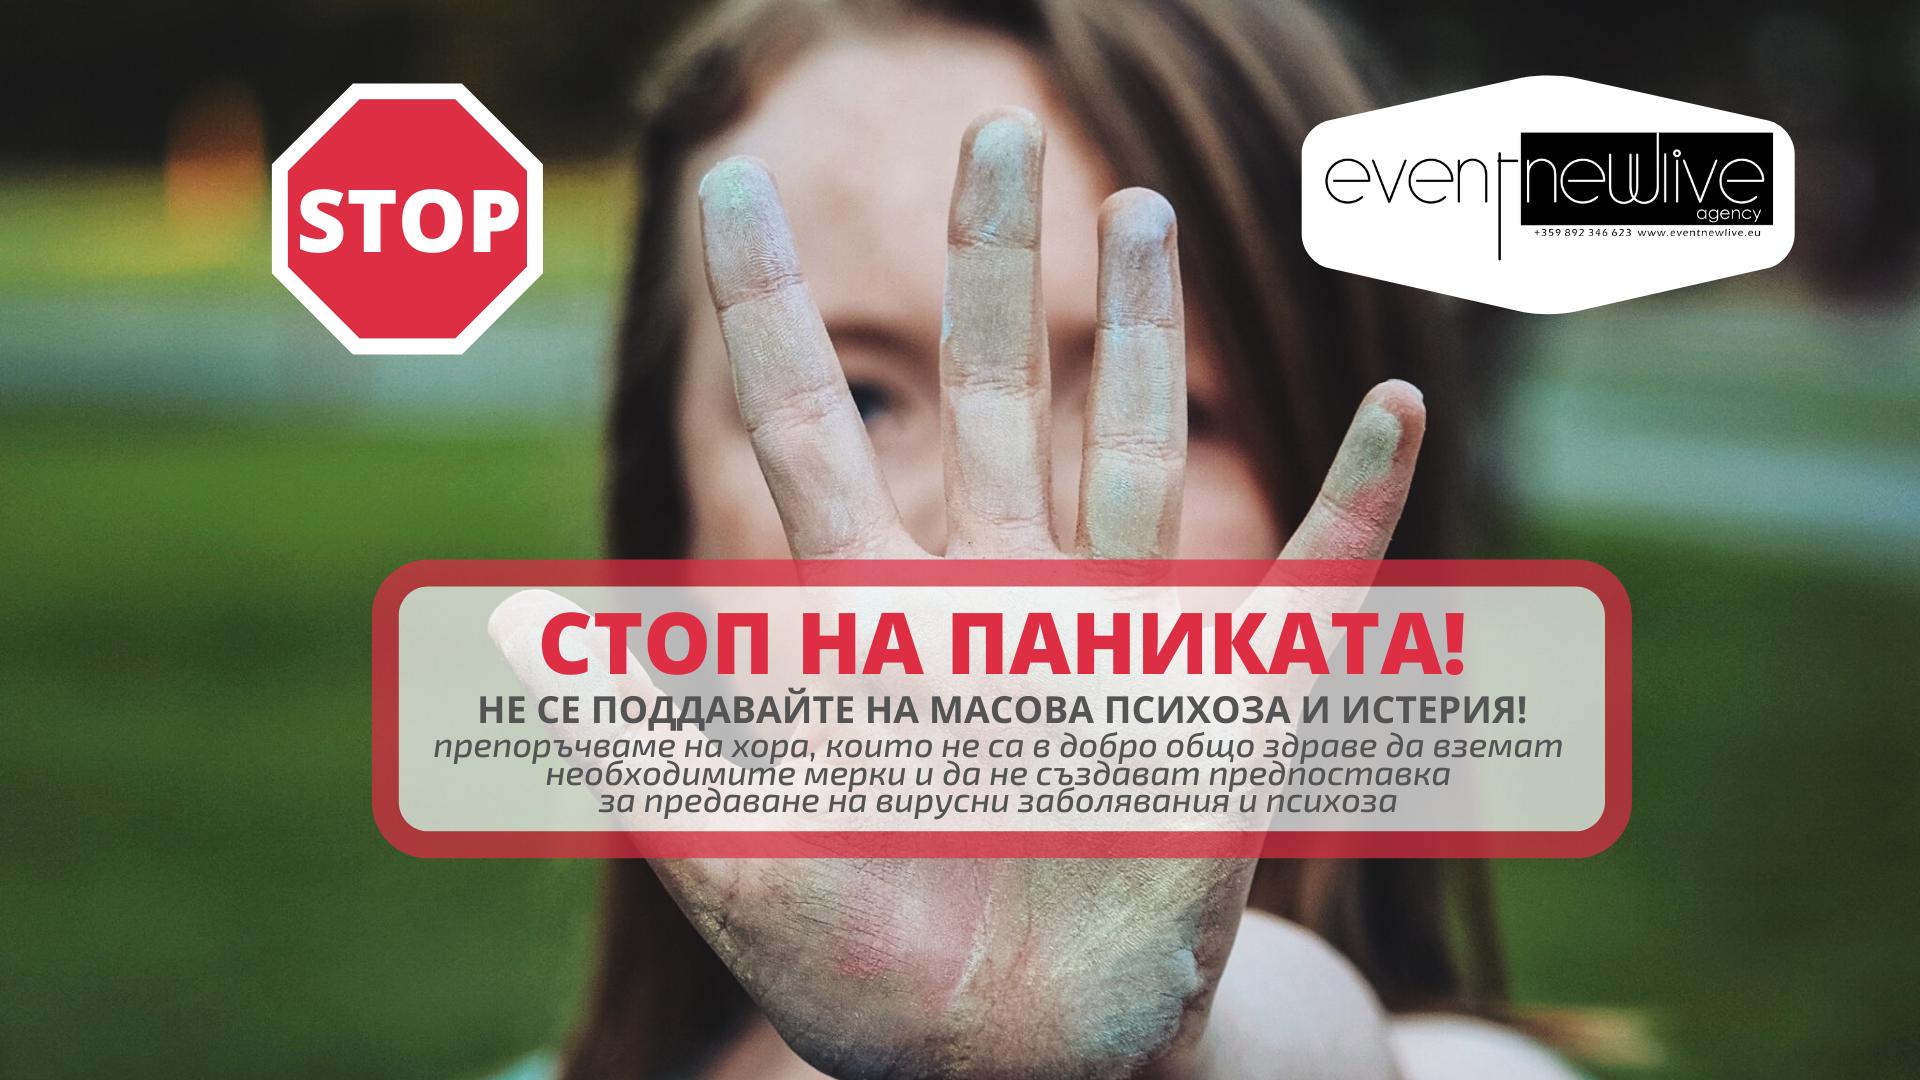 Стоп на паниката – Event NewLive Agency